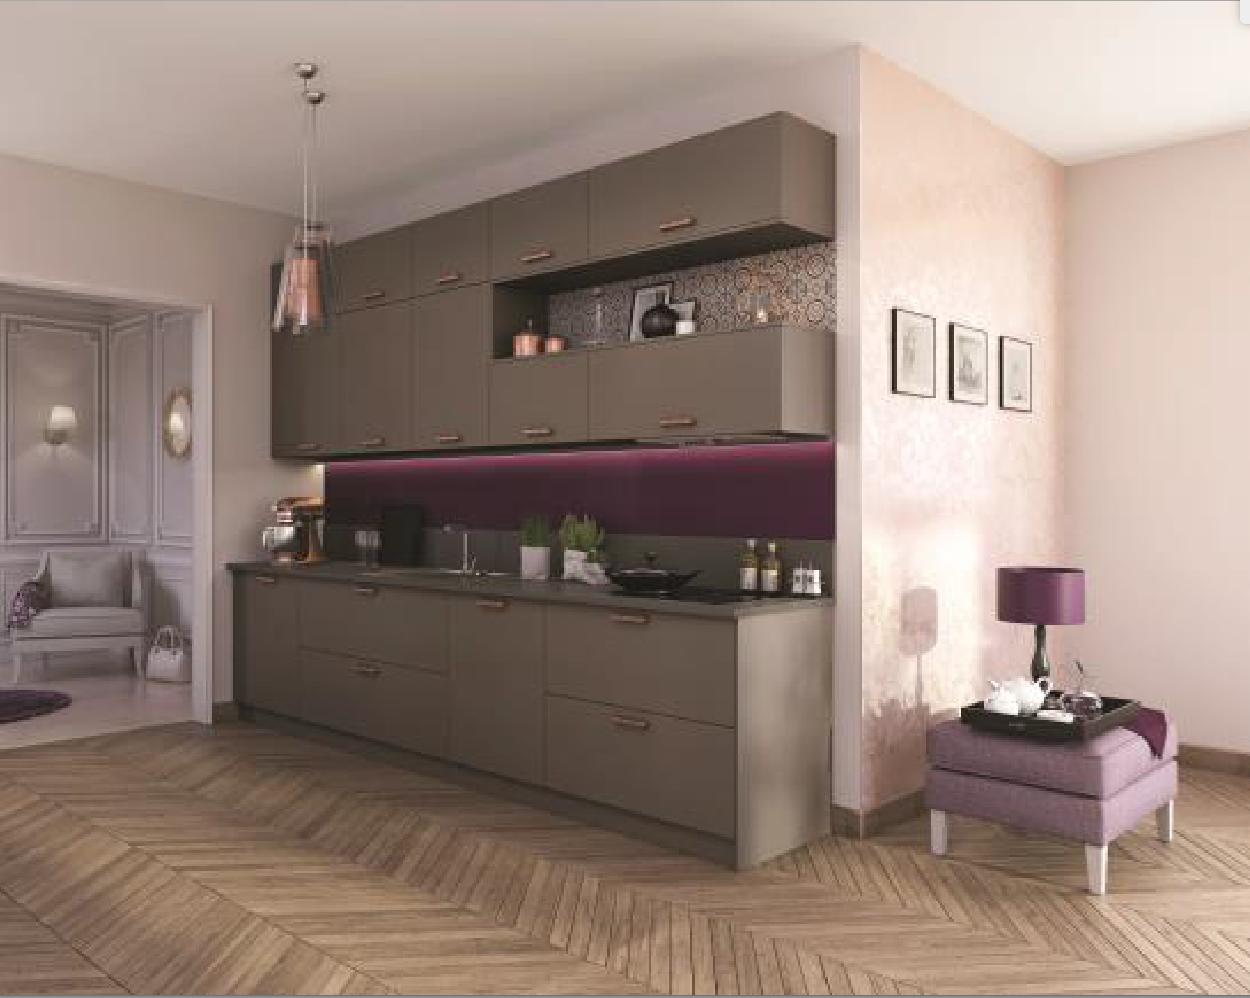 Couleur Tendance Pour Interieur Maison mieux que poivre et sel : cuivre et gris, couleurs tendances